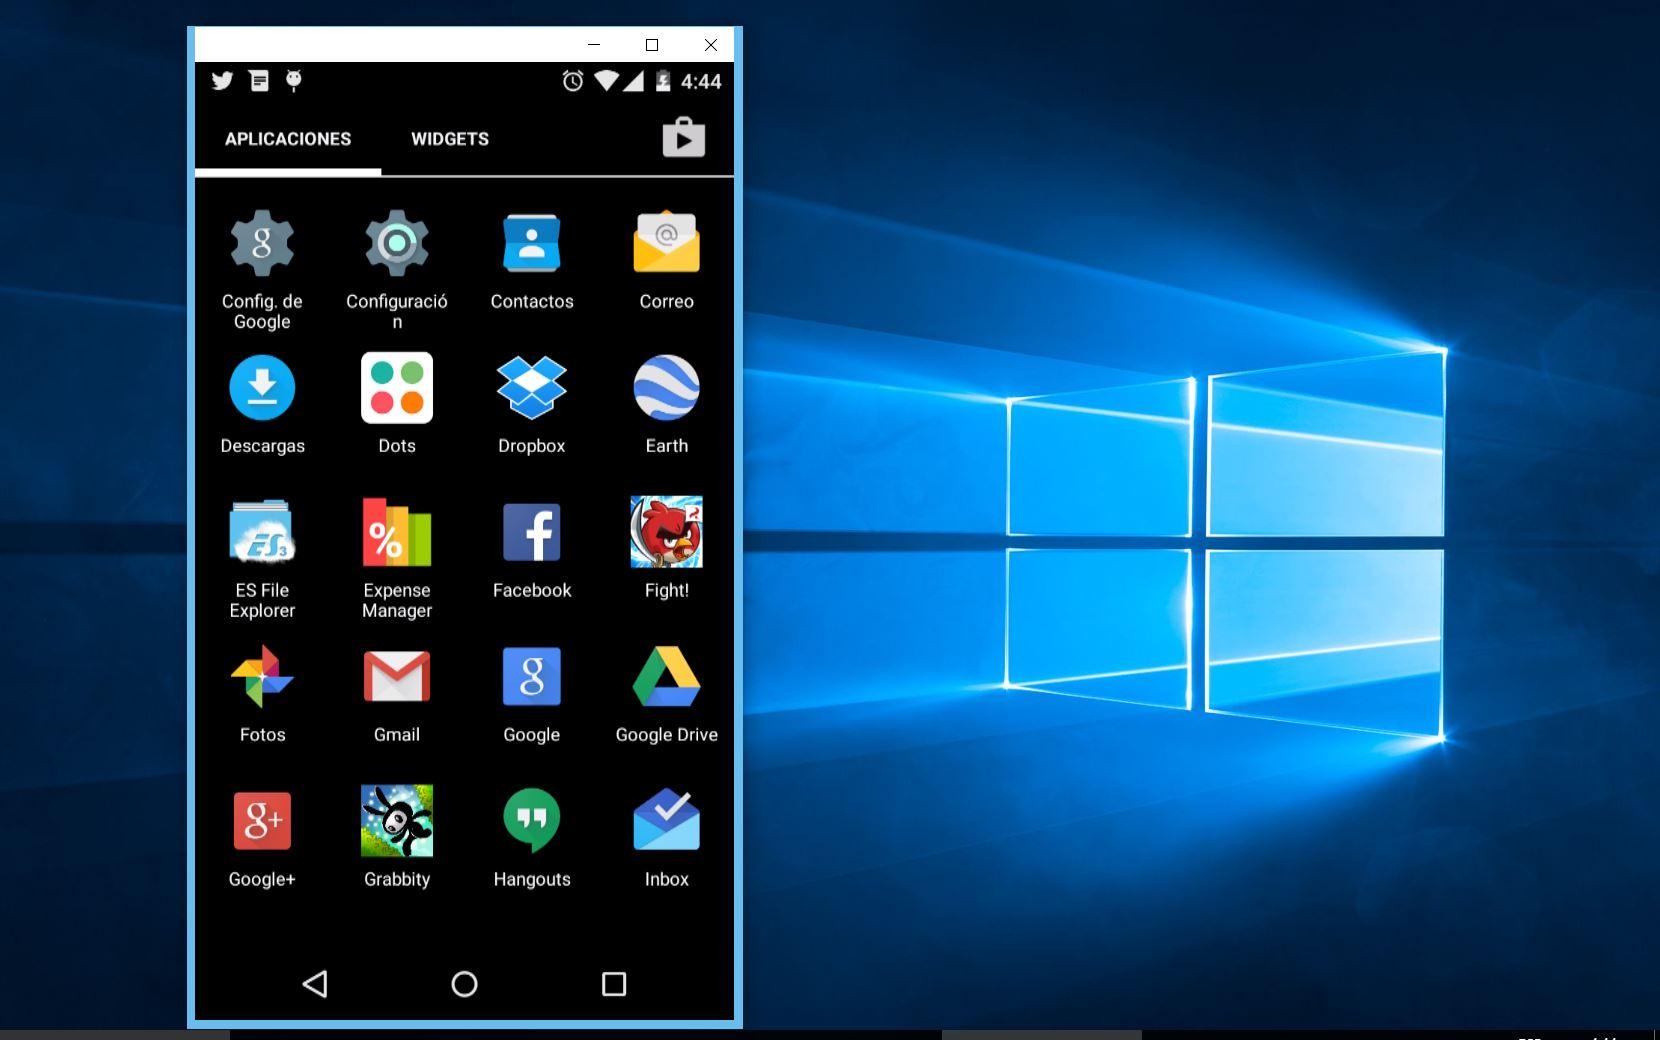 Vysor es una extensión para Chrome que te permite controlar tu Android desde el PC